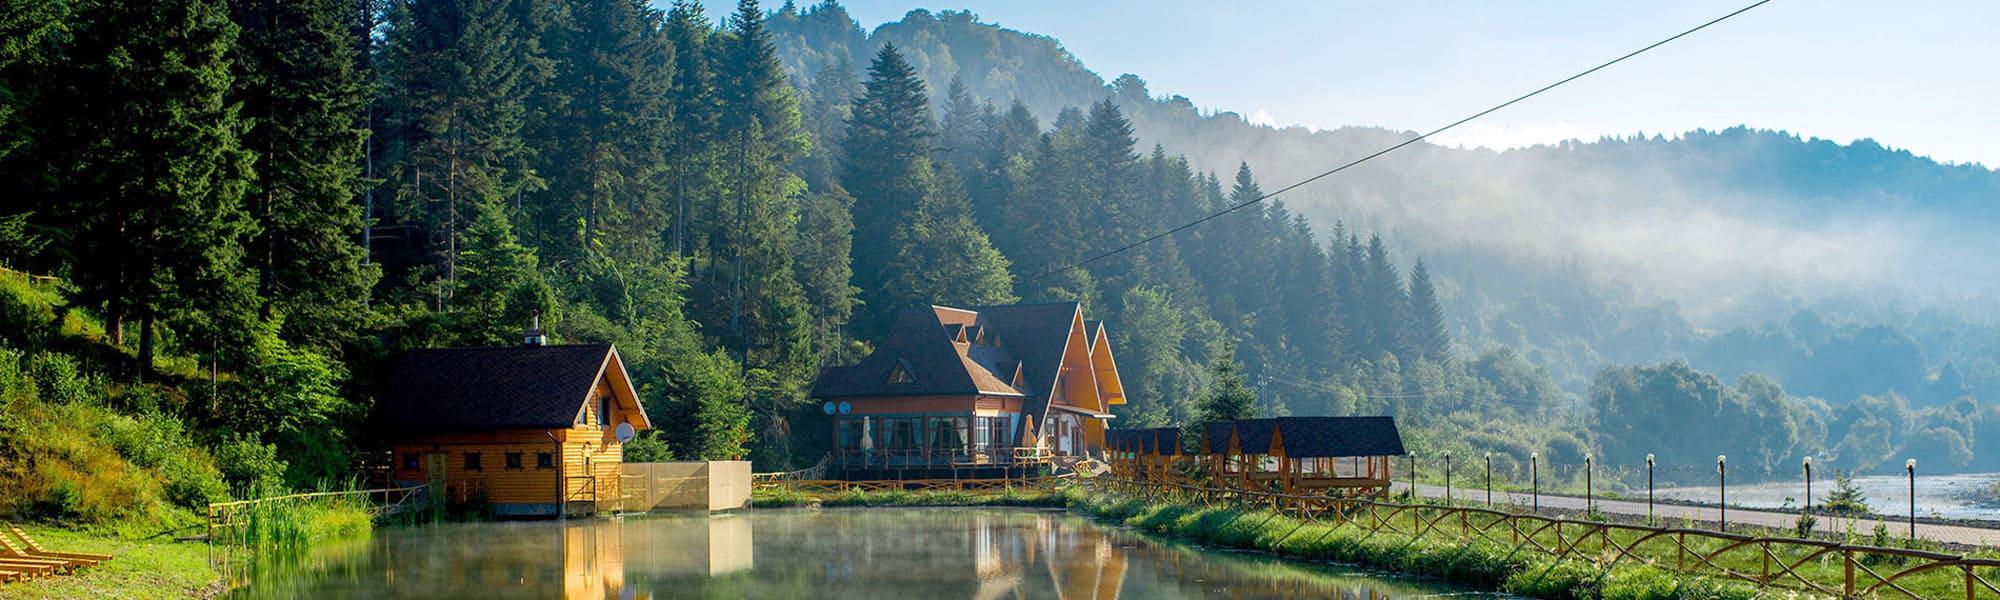 Курорт Східниця - санаторії, готелі, вілли, котеджі та приватні садиби